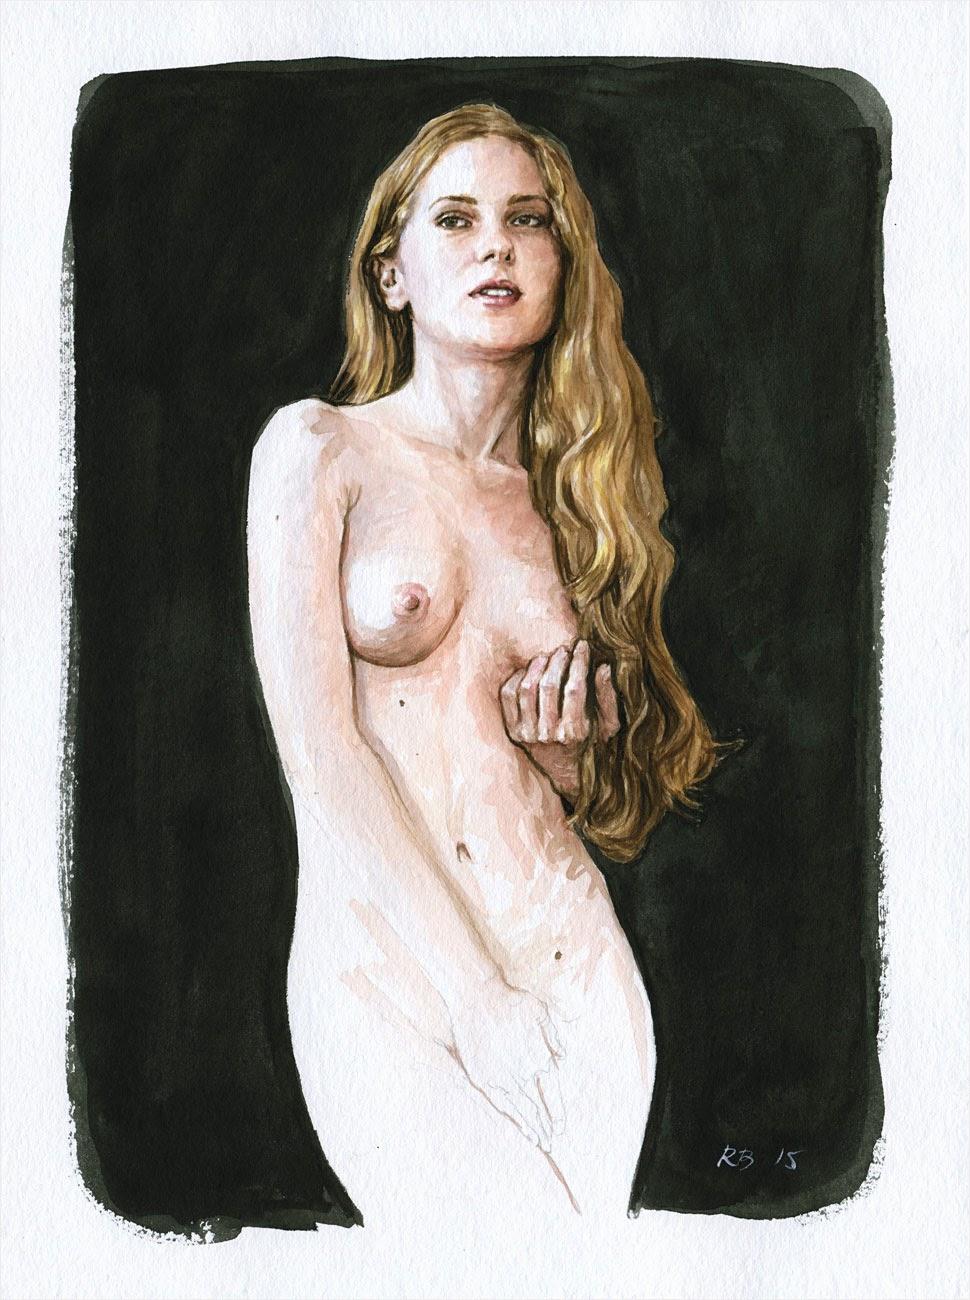 René Bui - Etude de nu à l'aquarelle 150119 - 2015